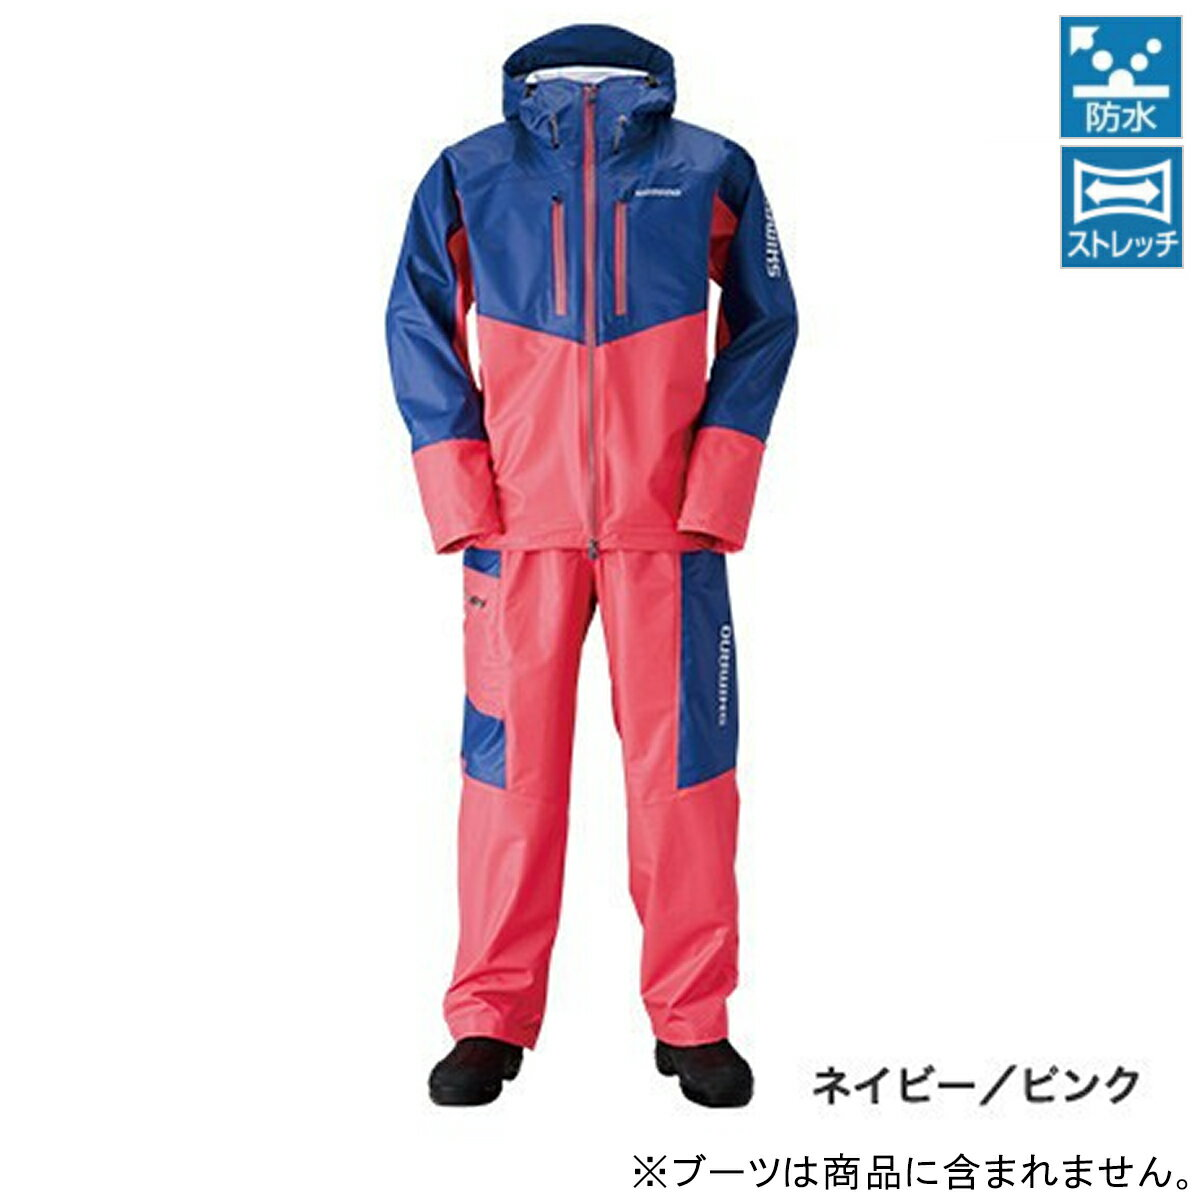 シマノ マリンライトスーツ RA-034N L ネイビー/ピンク